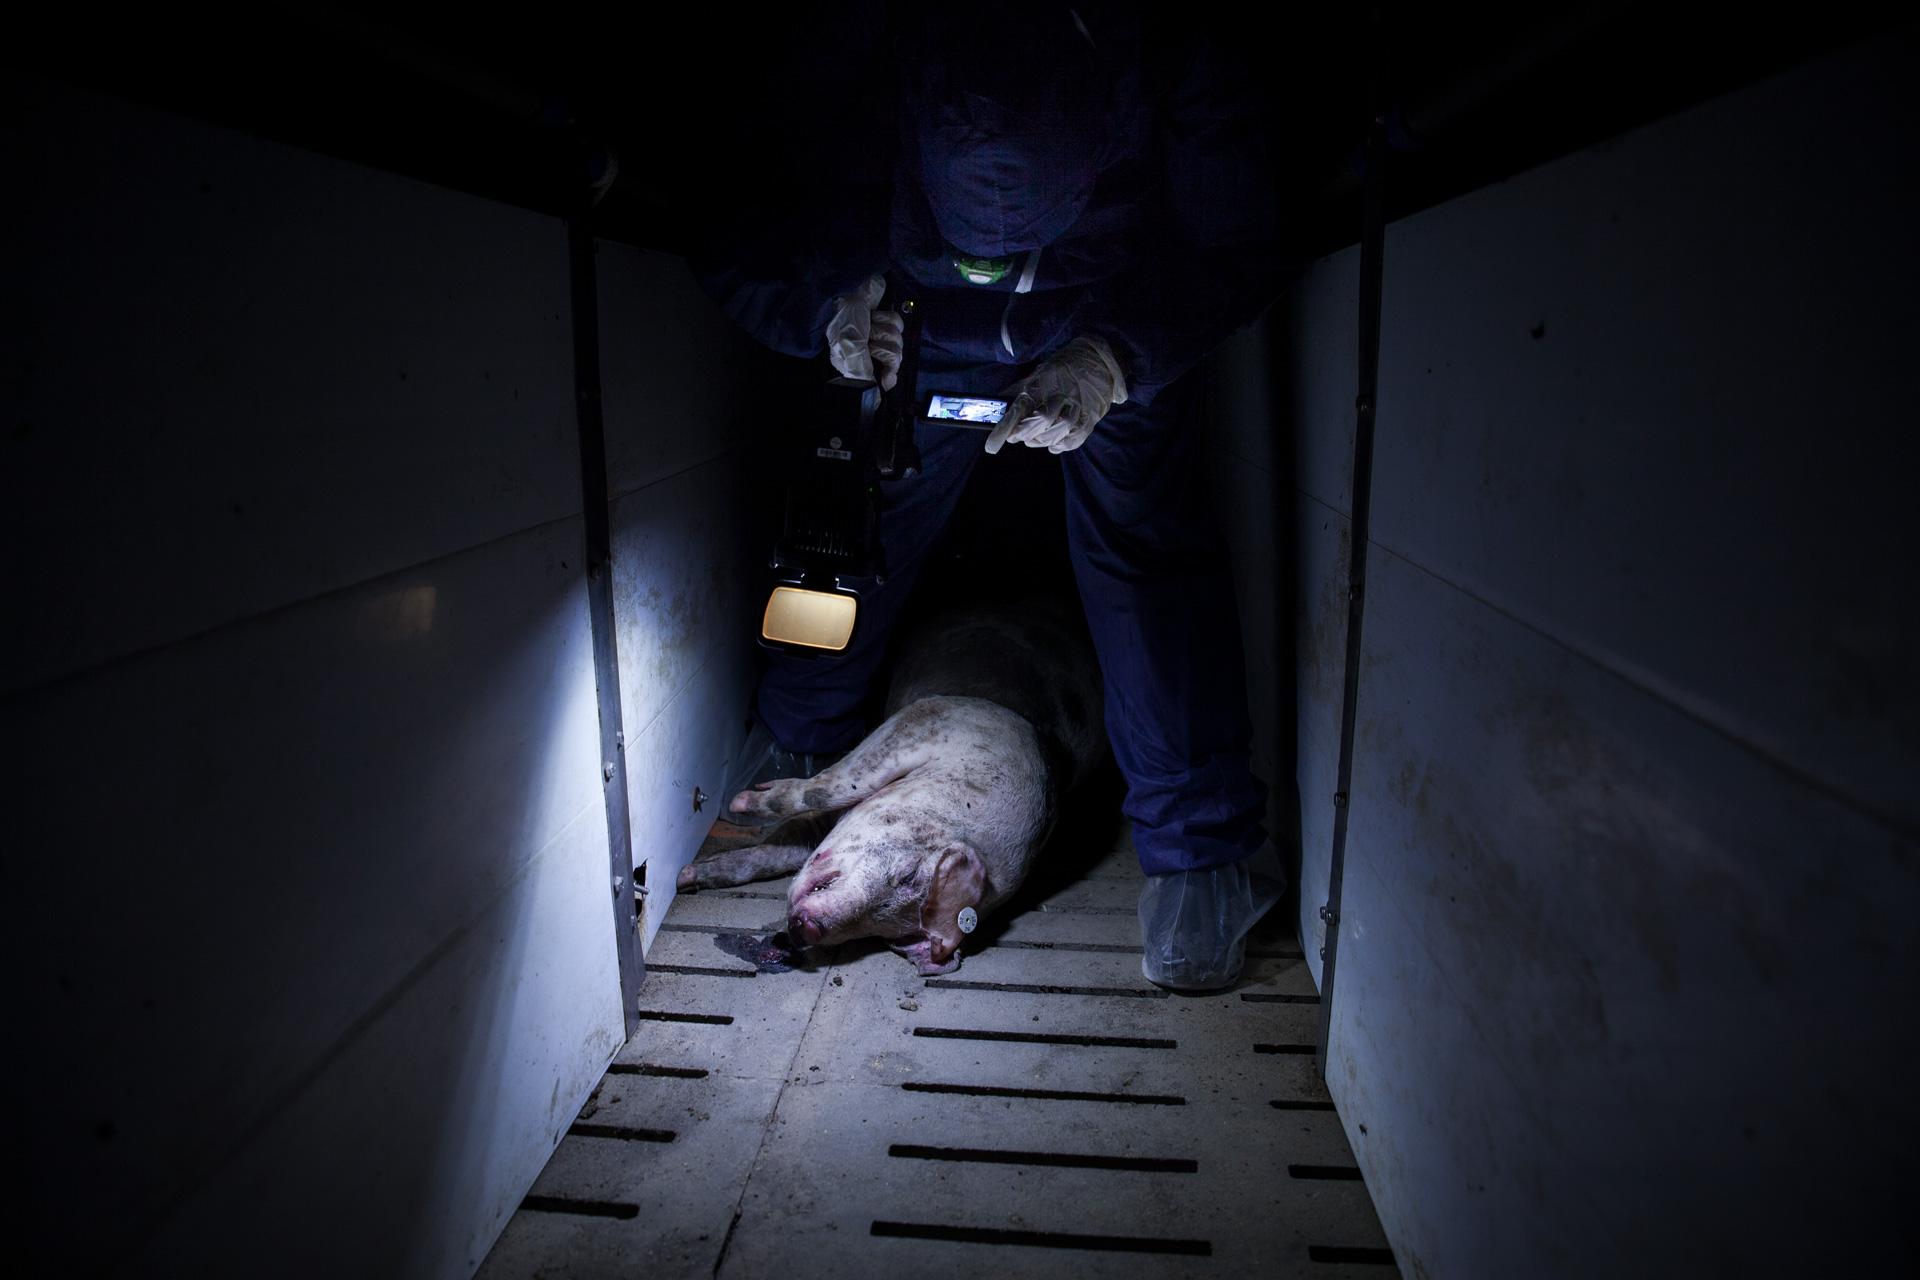 timo-stammberger-massentierhaltung-mastanlage-factory-farming-schweine-pigs-animal-rights_15